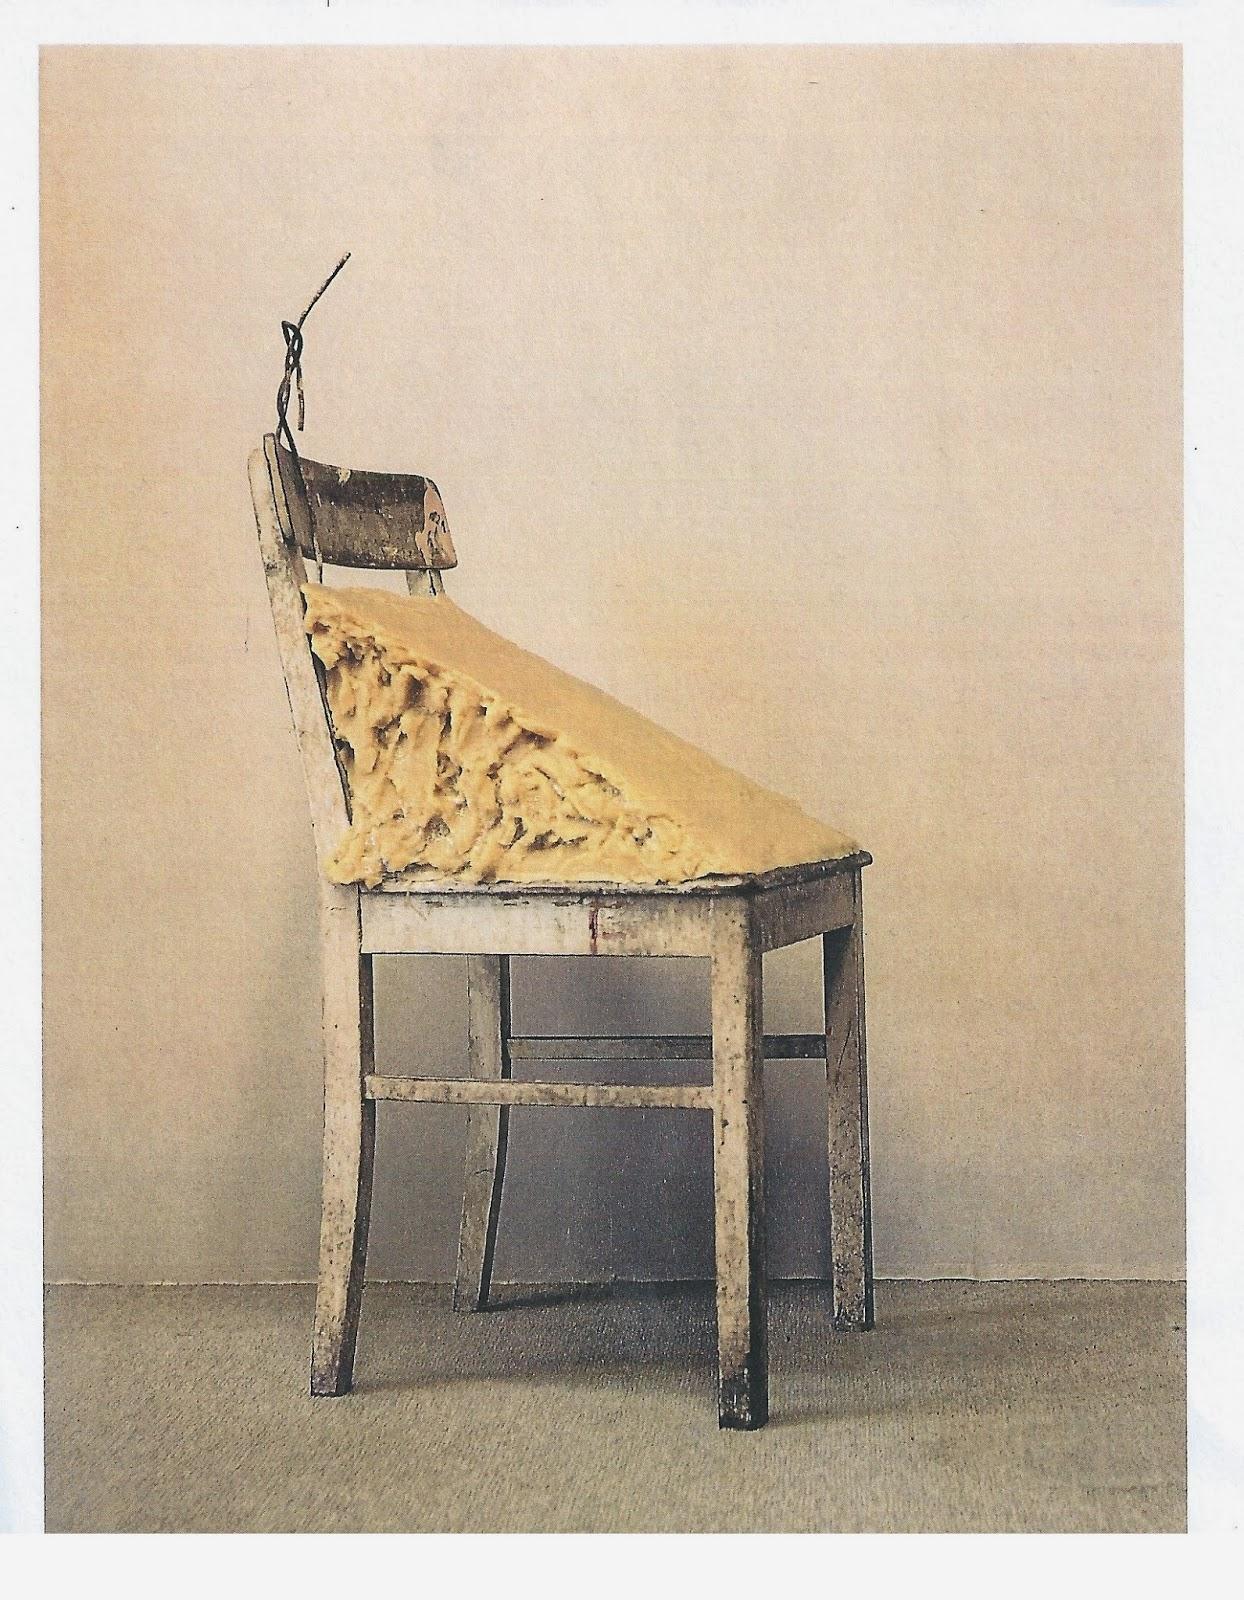 Джозеф Бейс, жирный стул, 1964 - 1985